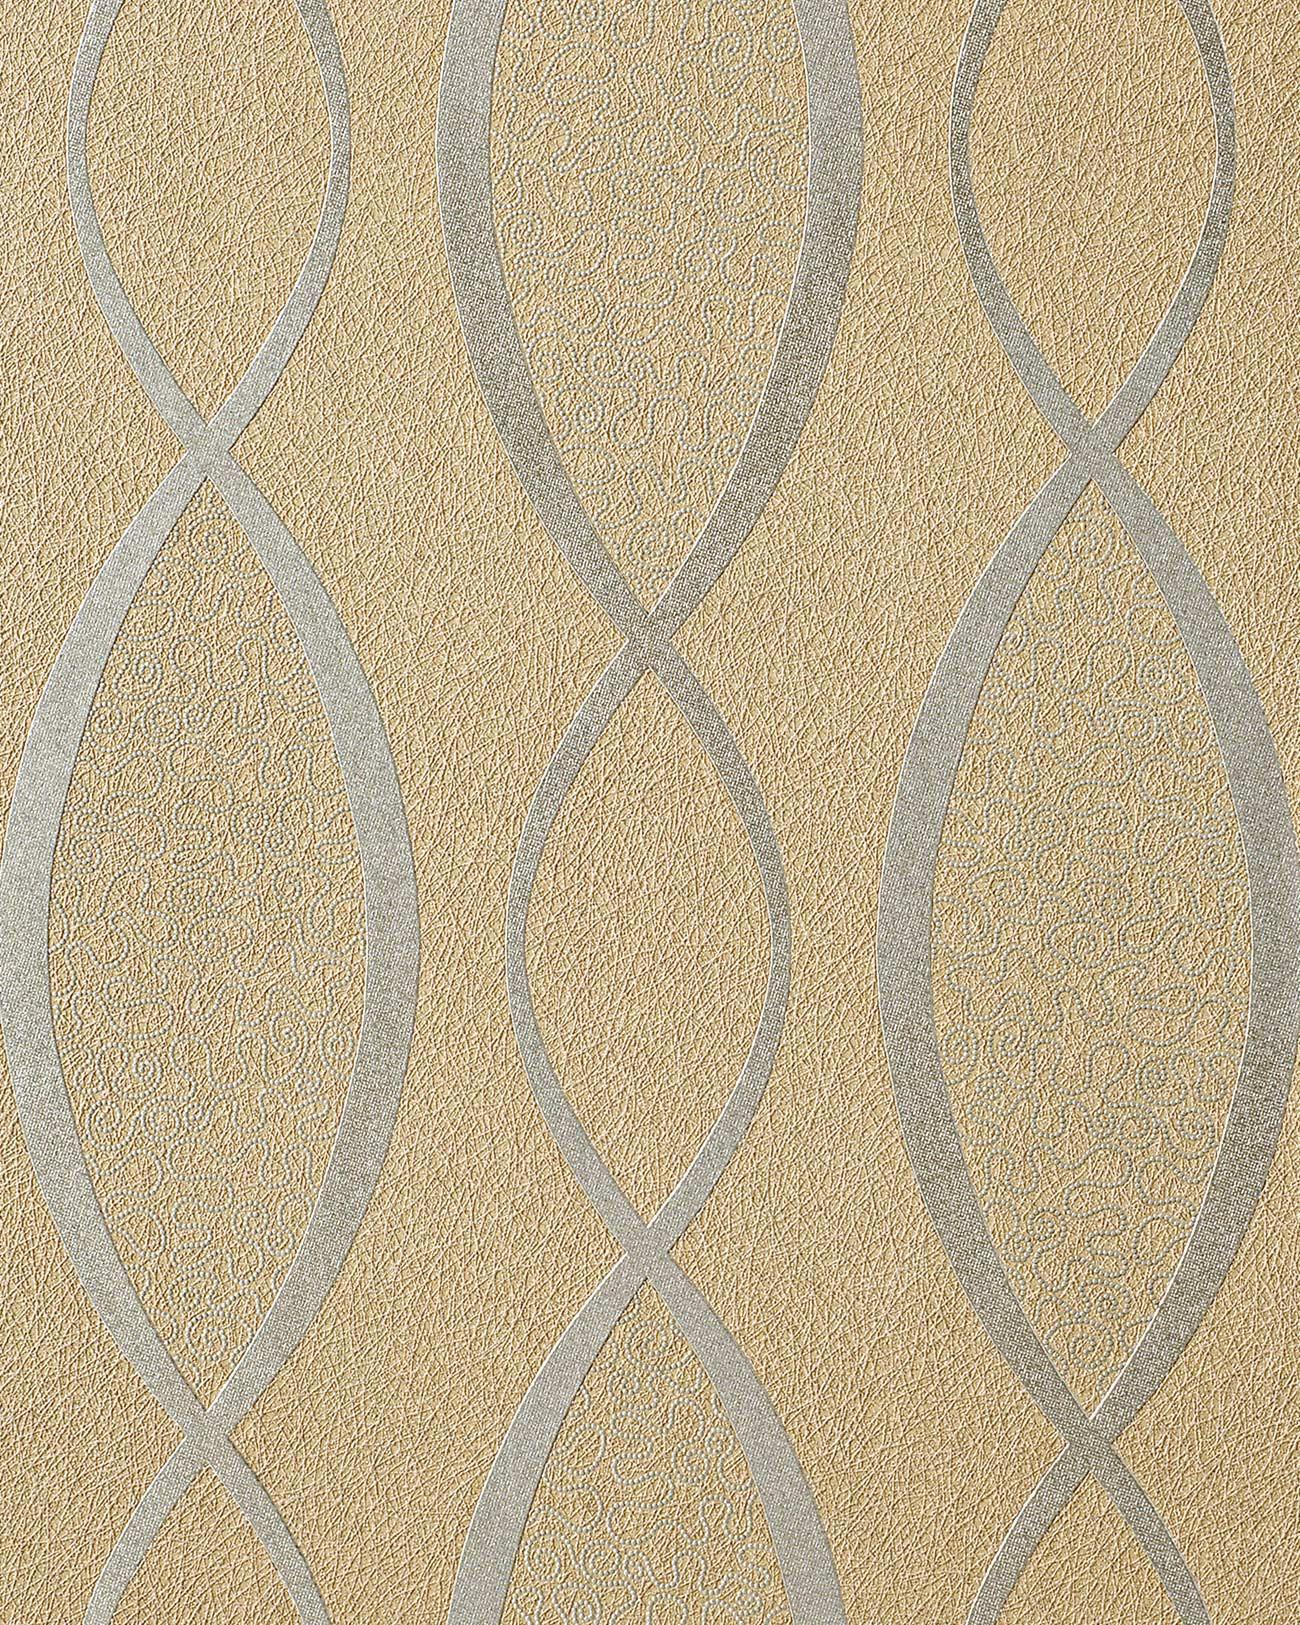 papel pintado anos 60 papel pintado retro edem 1018 13 estilo a os 70 l neas onduladas ornamentos glitter decente